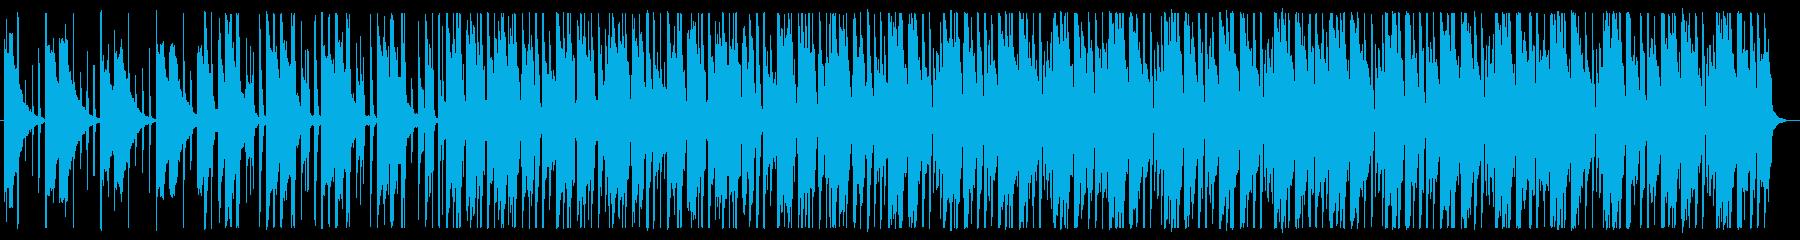 アーバン/都会/R&B_No458_3の再生済みの波形